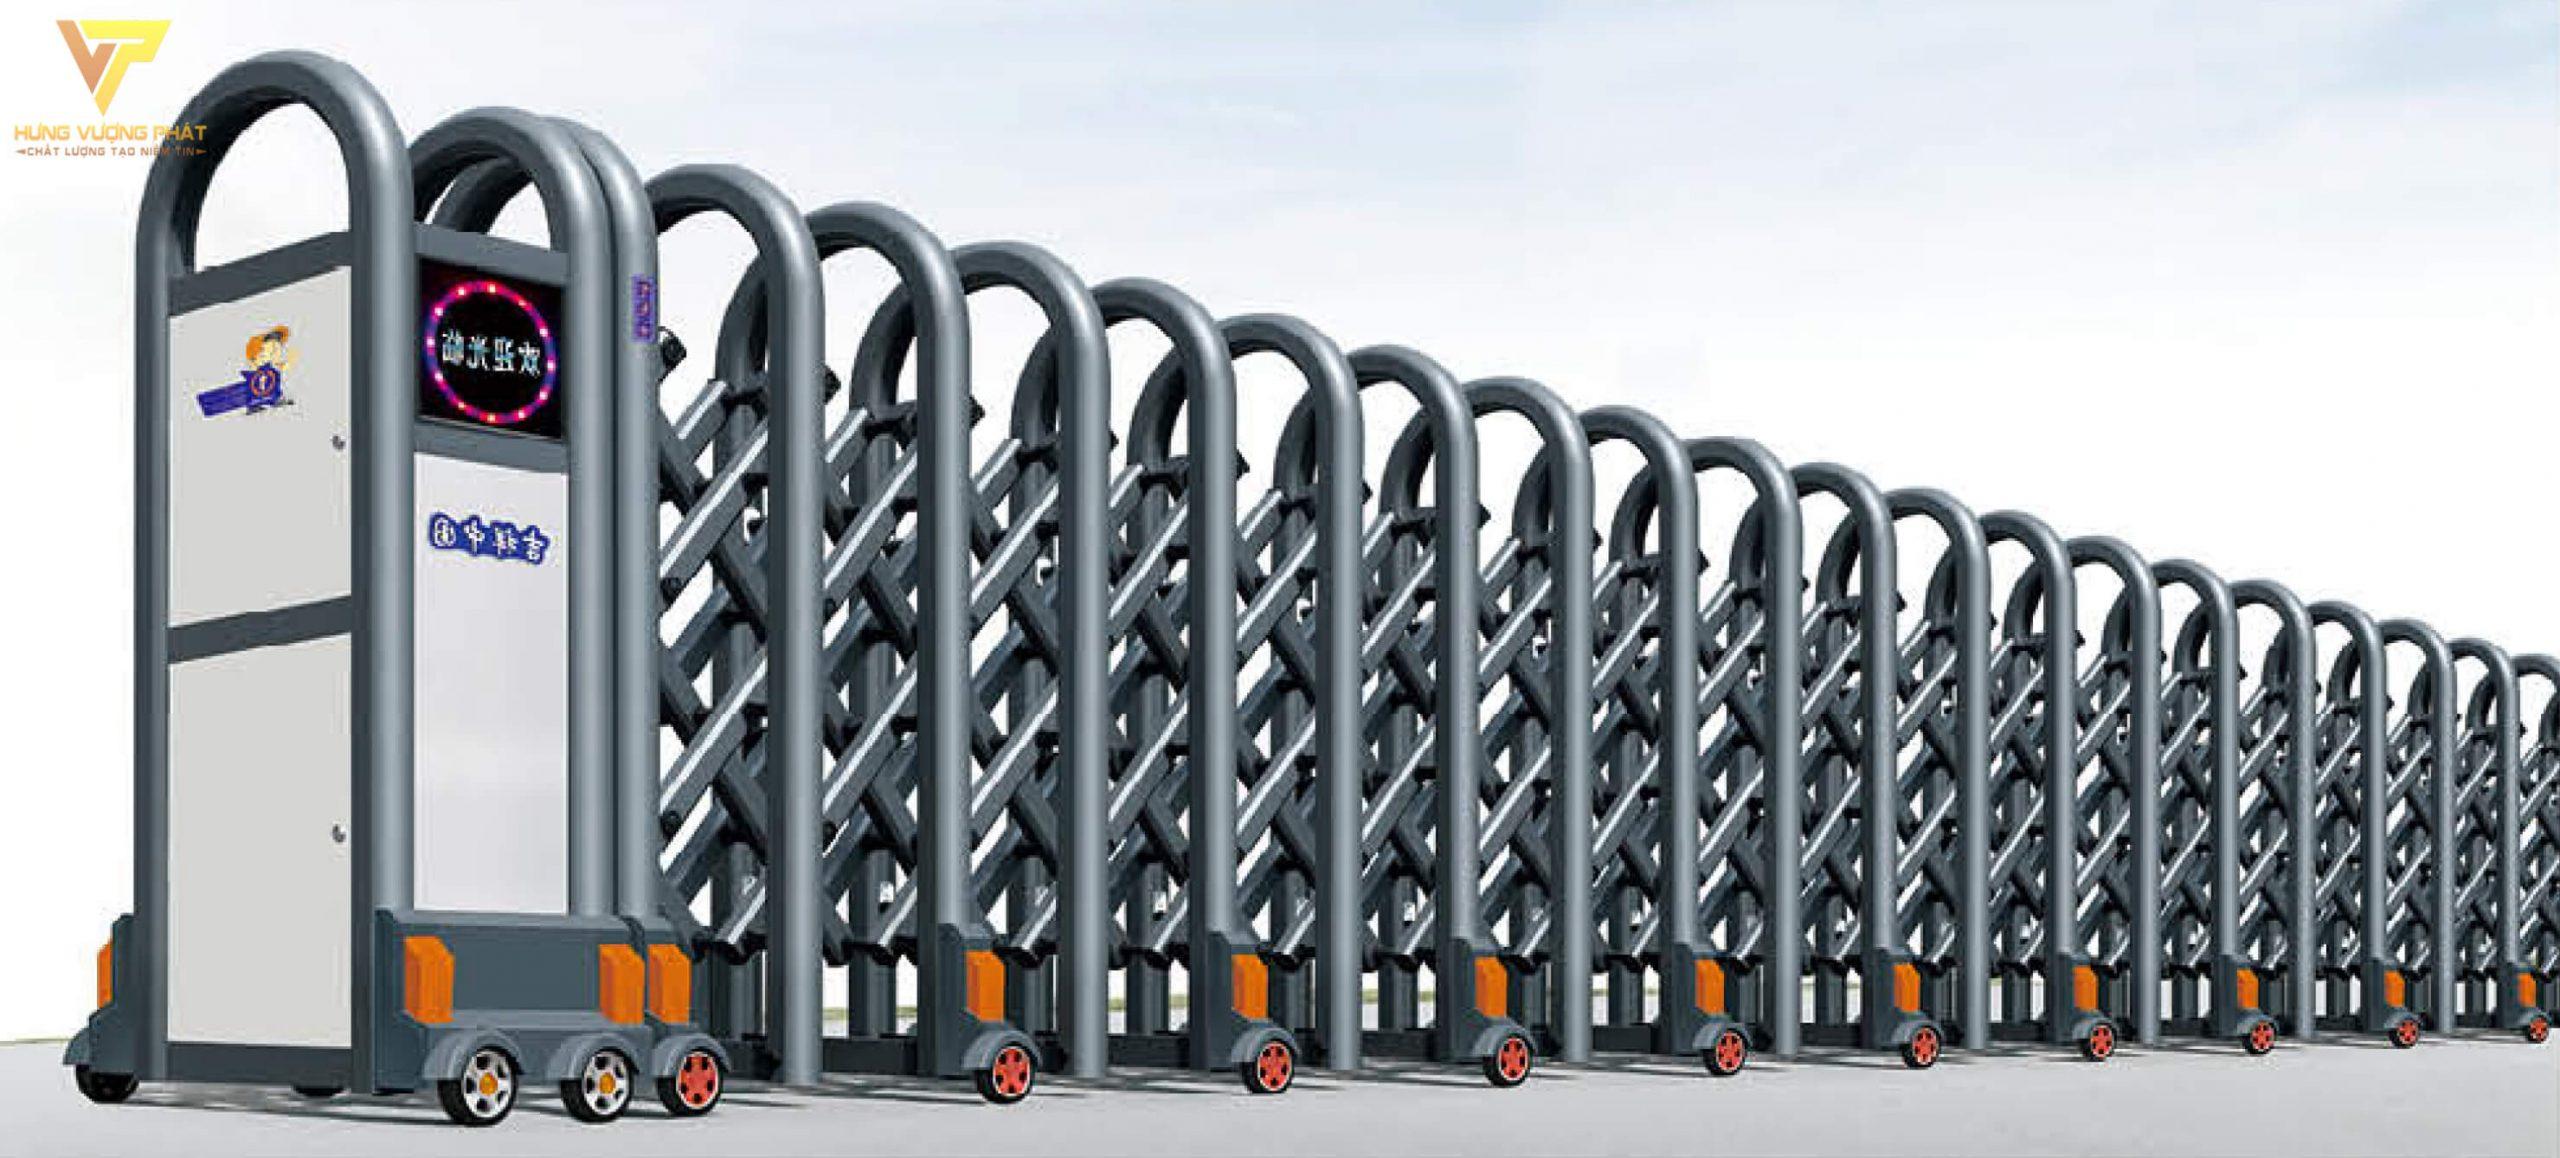 Cổng xếp hợp kim nhôm chạy điện tự động HN37